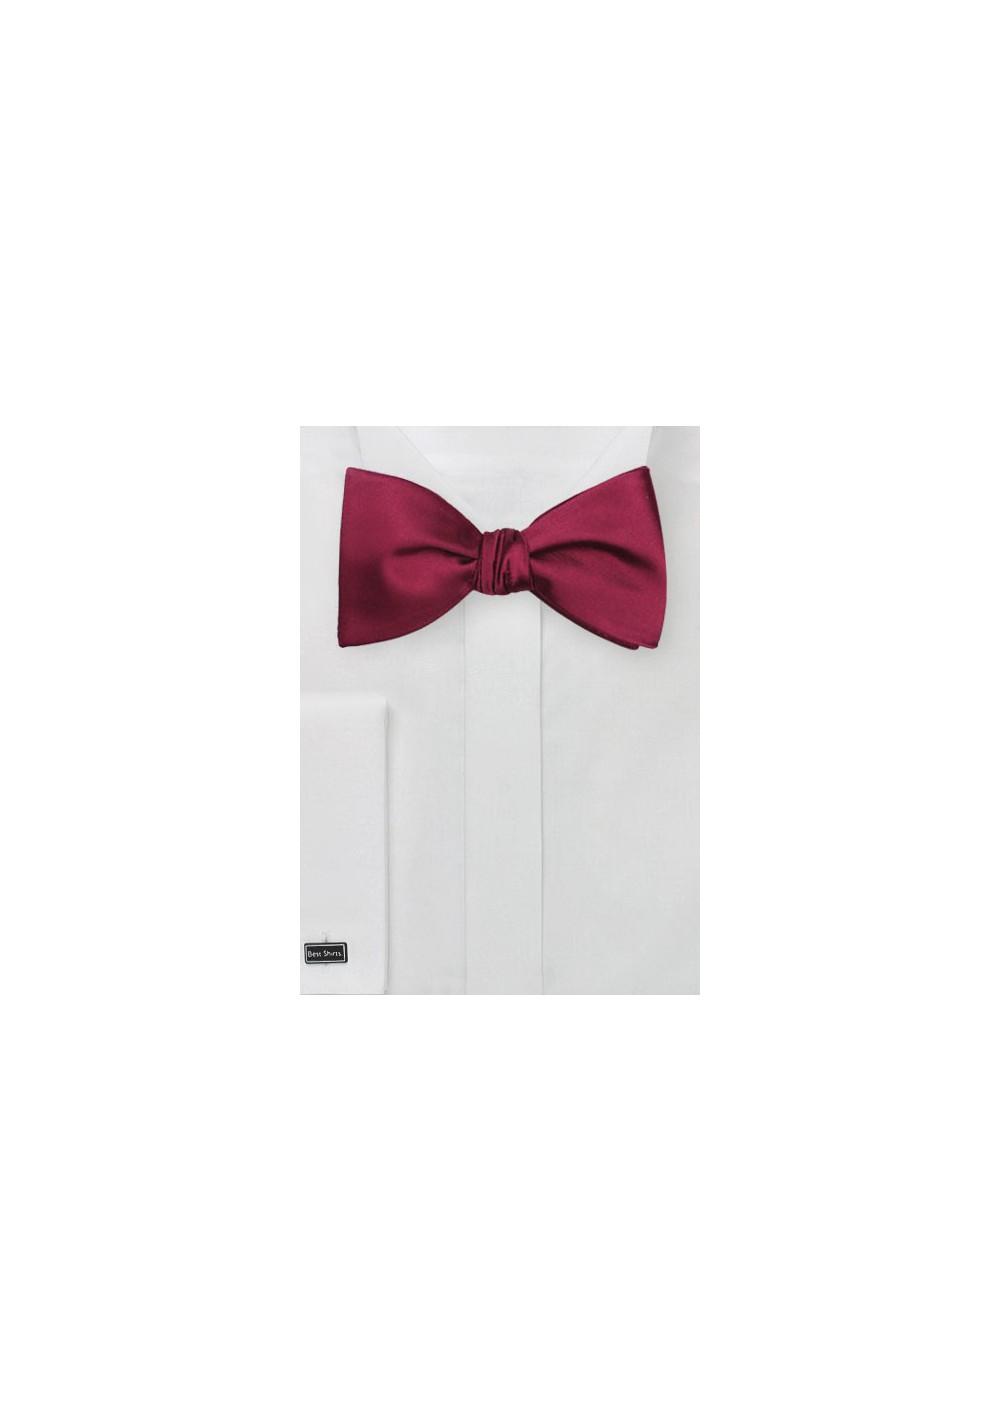 Elegant Solid Burgundy Self-Tie Bow Tie